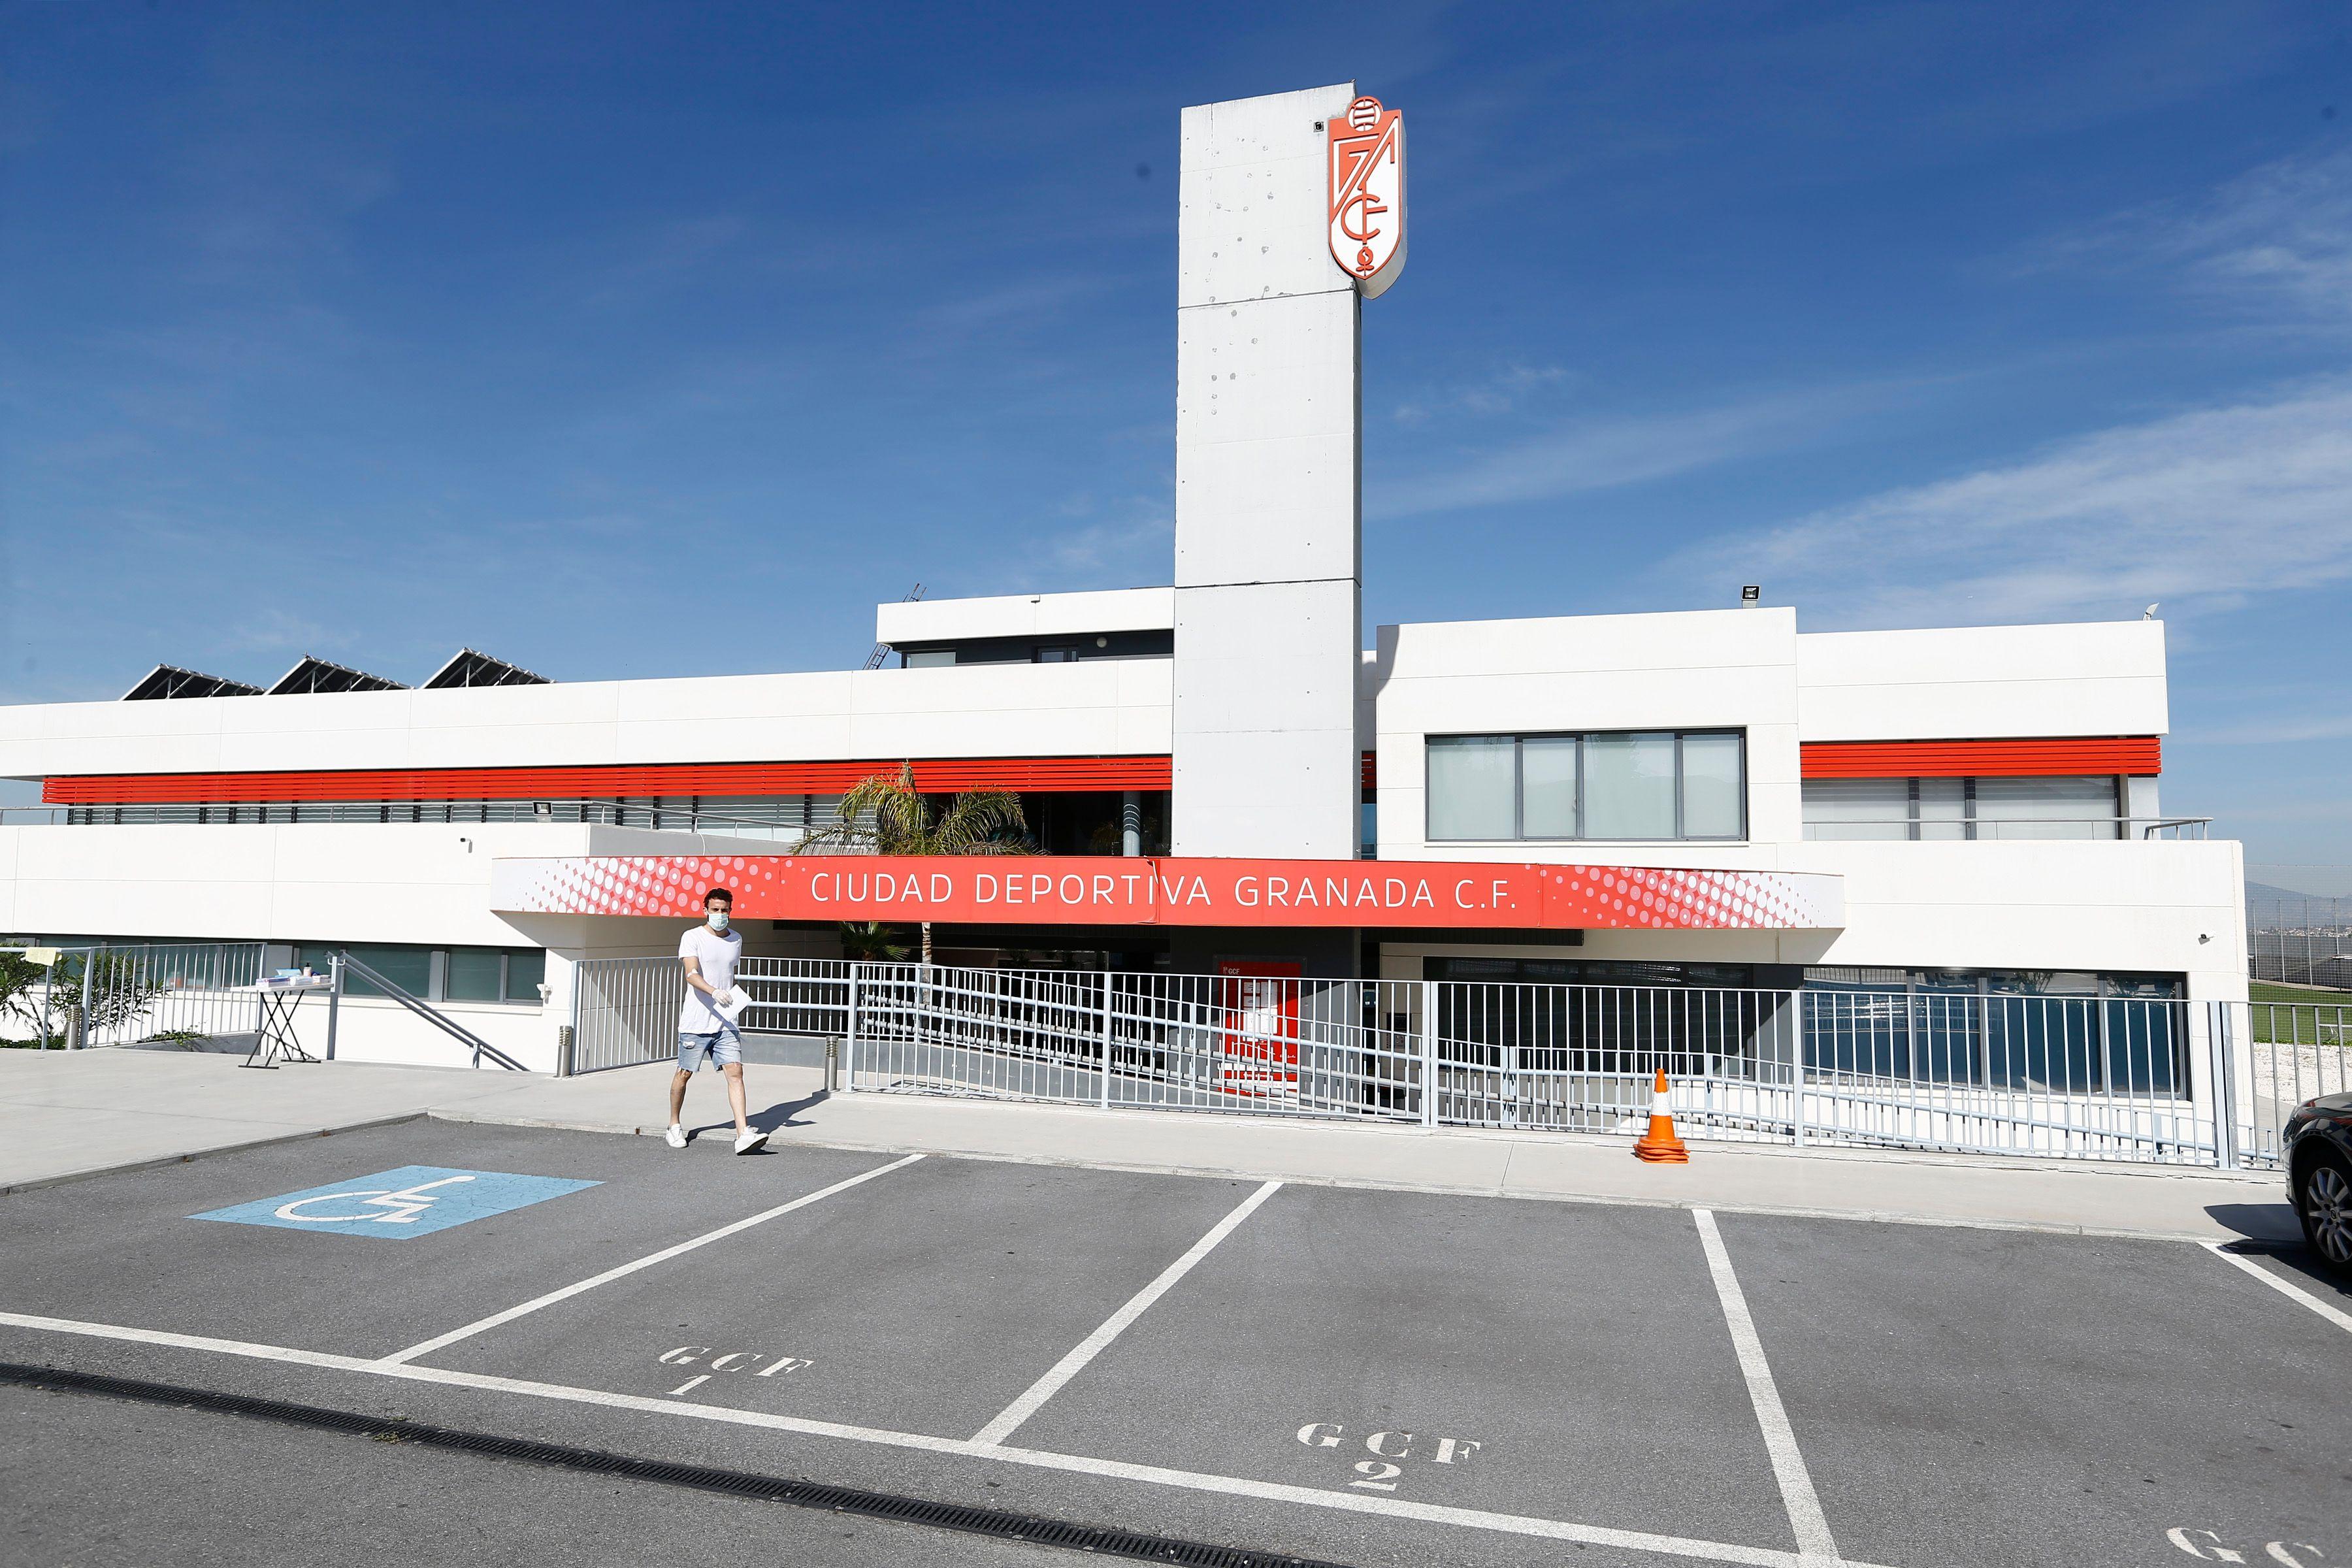 La ciudad deportiva del Granada CF lista para los entrenos